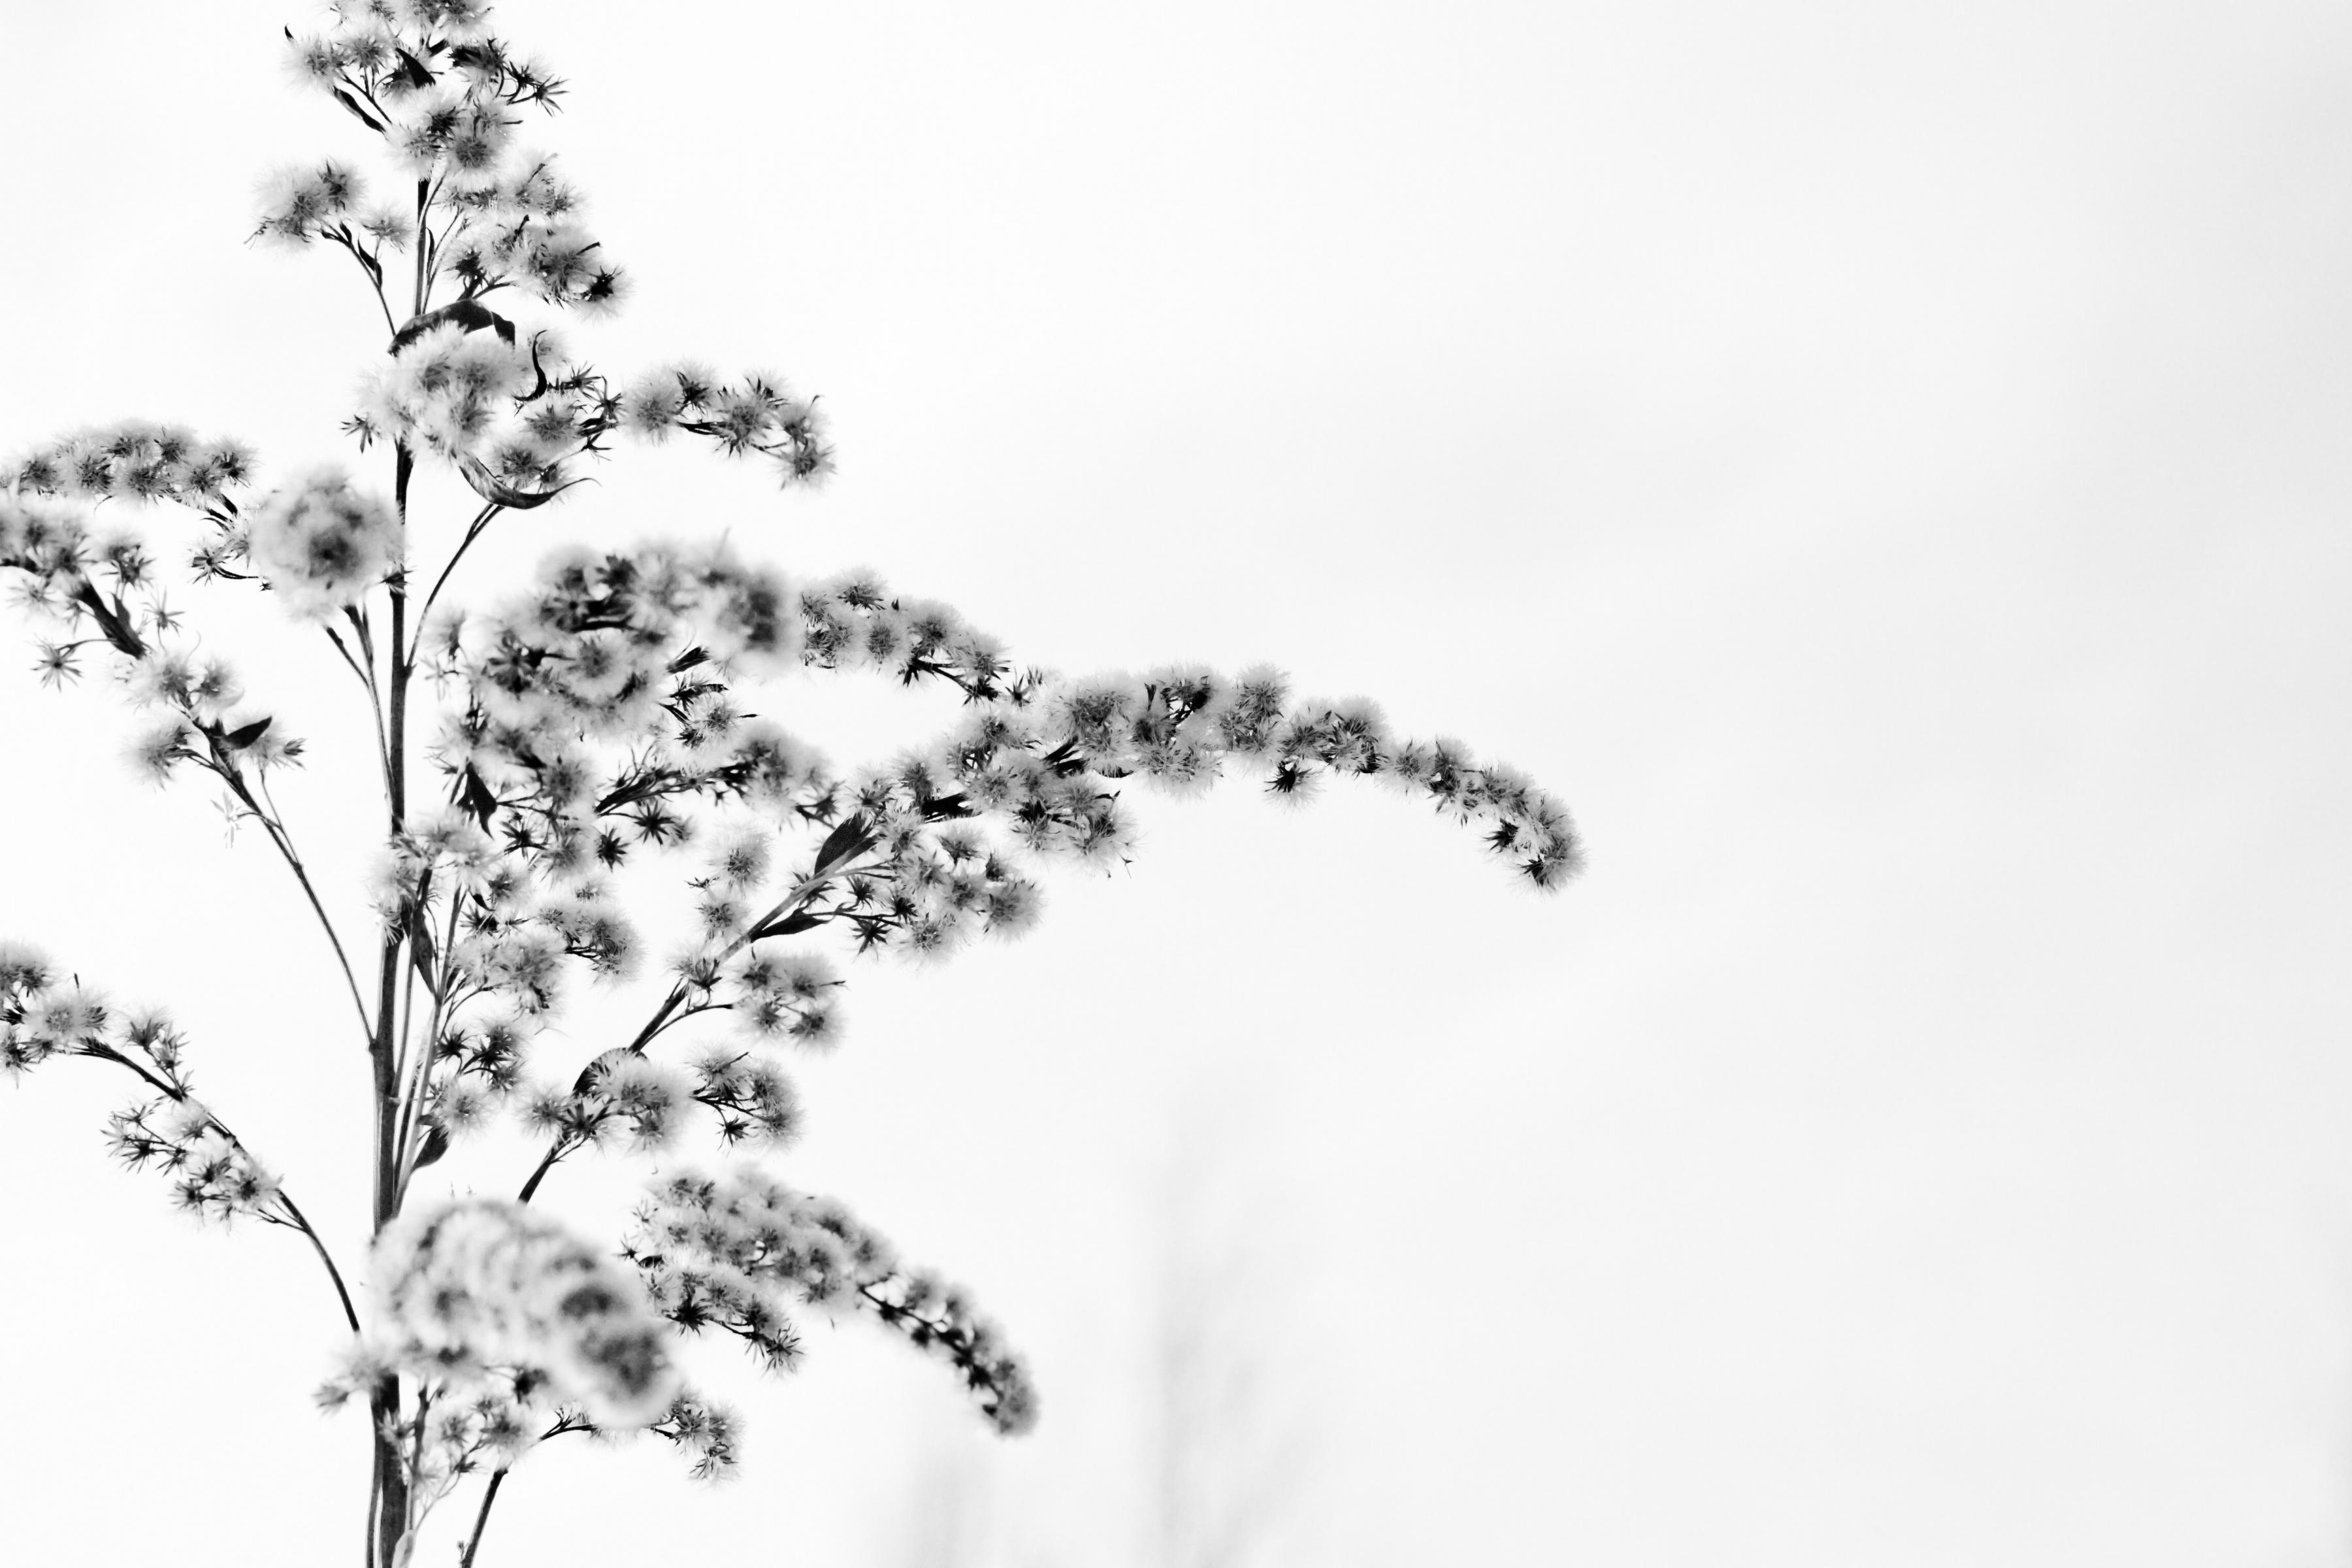 живописные картинки белый фон всё